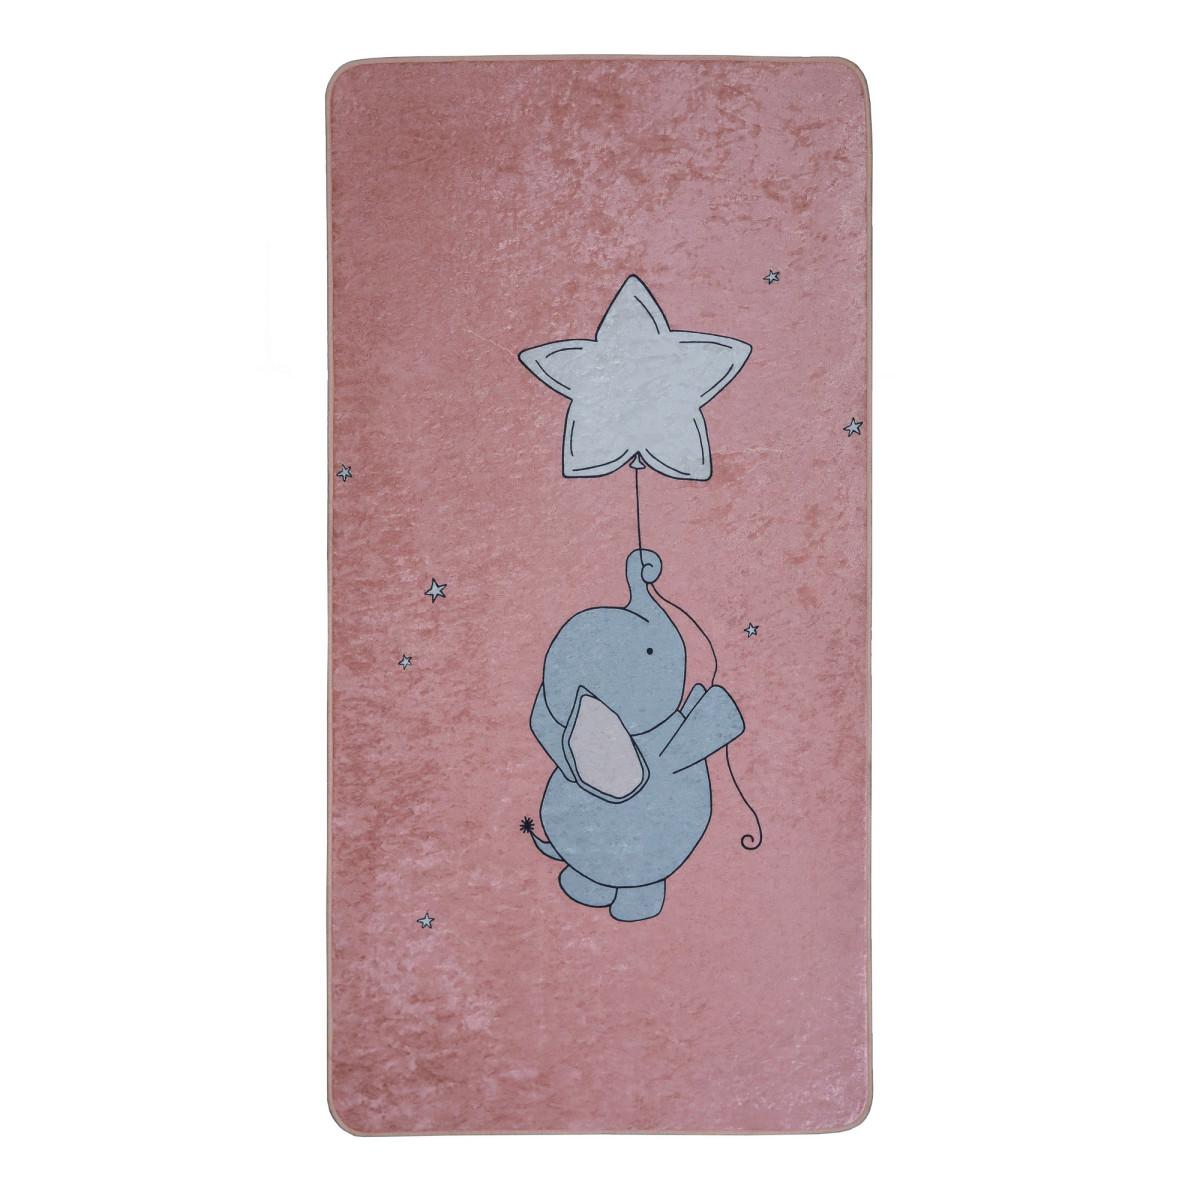 Ковер Kids Dream 01 0.7х1.4 м цвет розовый